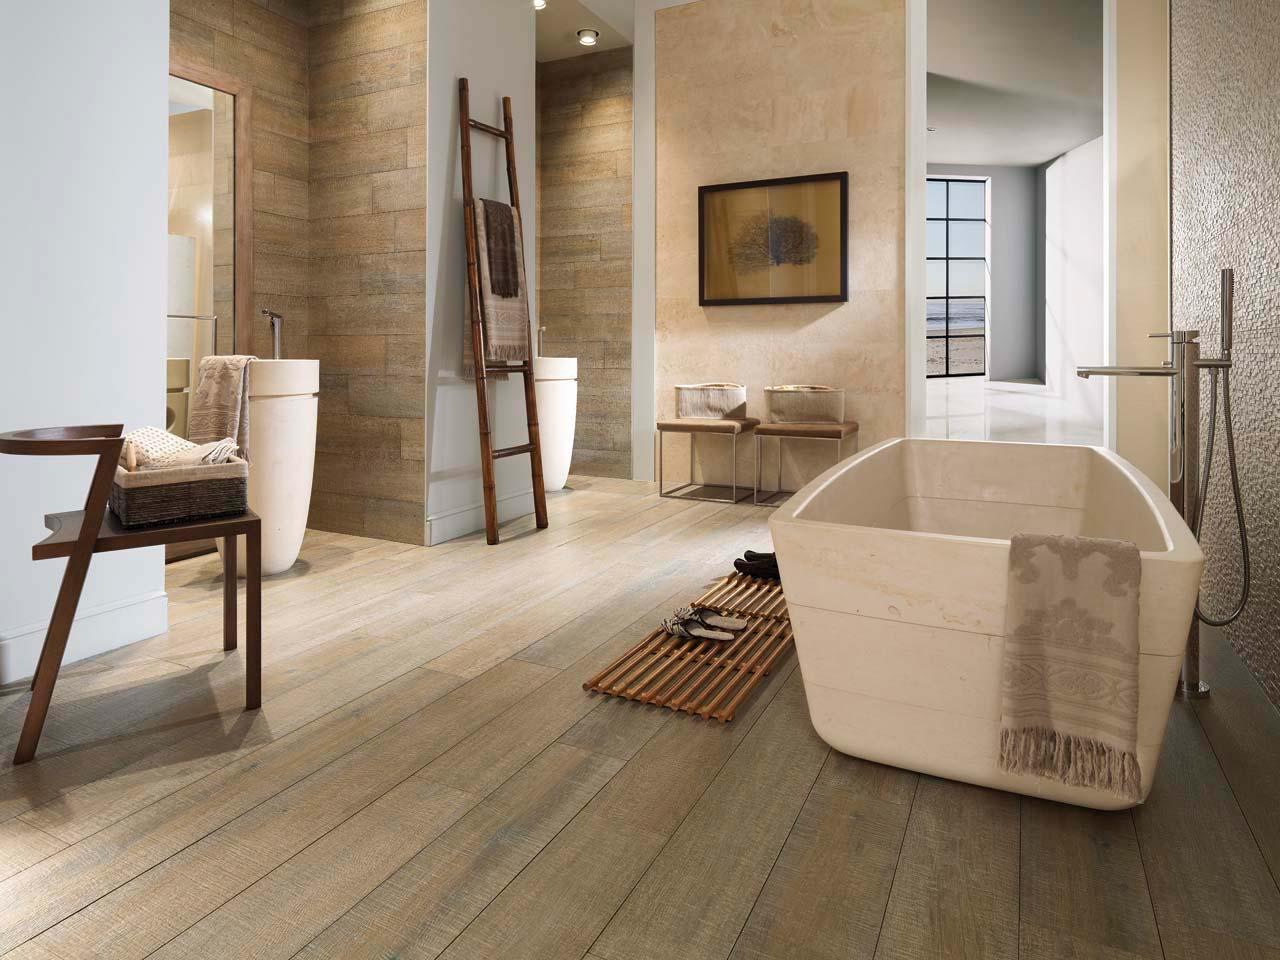 Badkamer keramisch parket voor de badkamer tegelextra